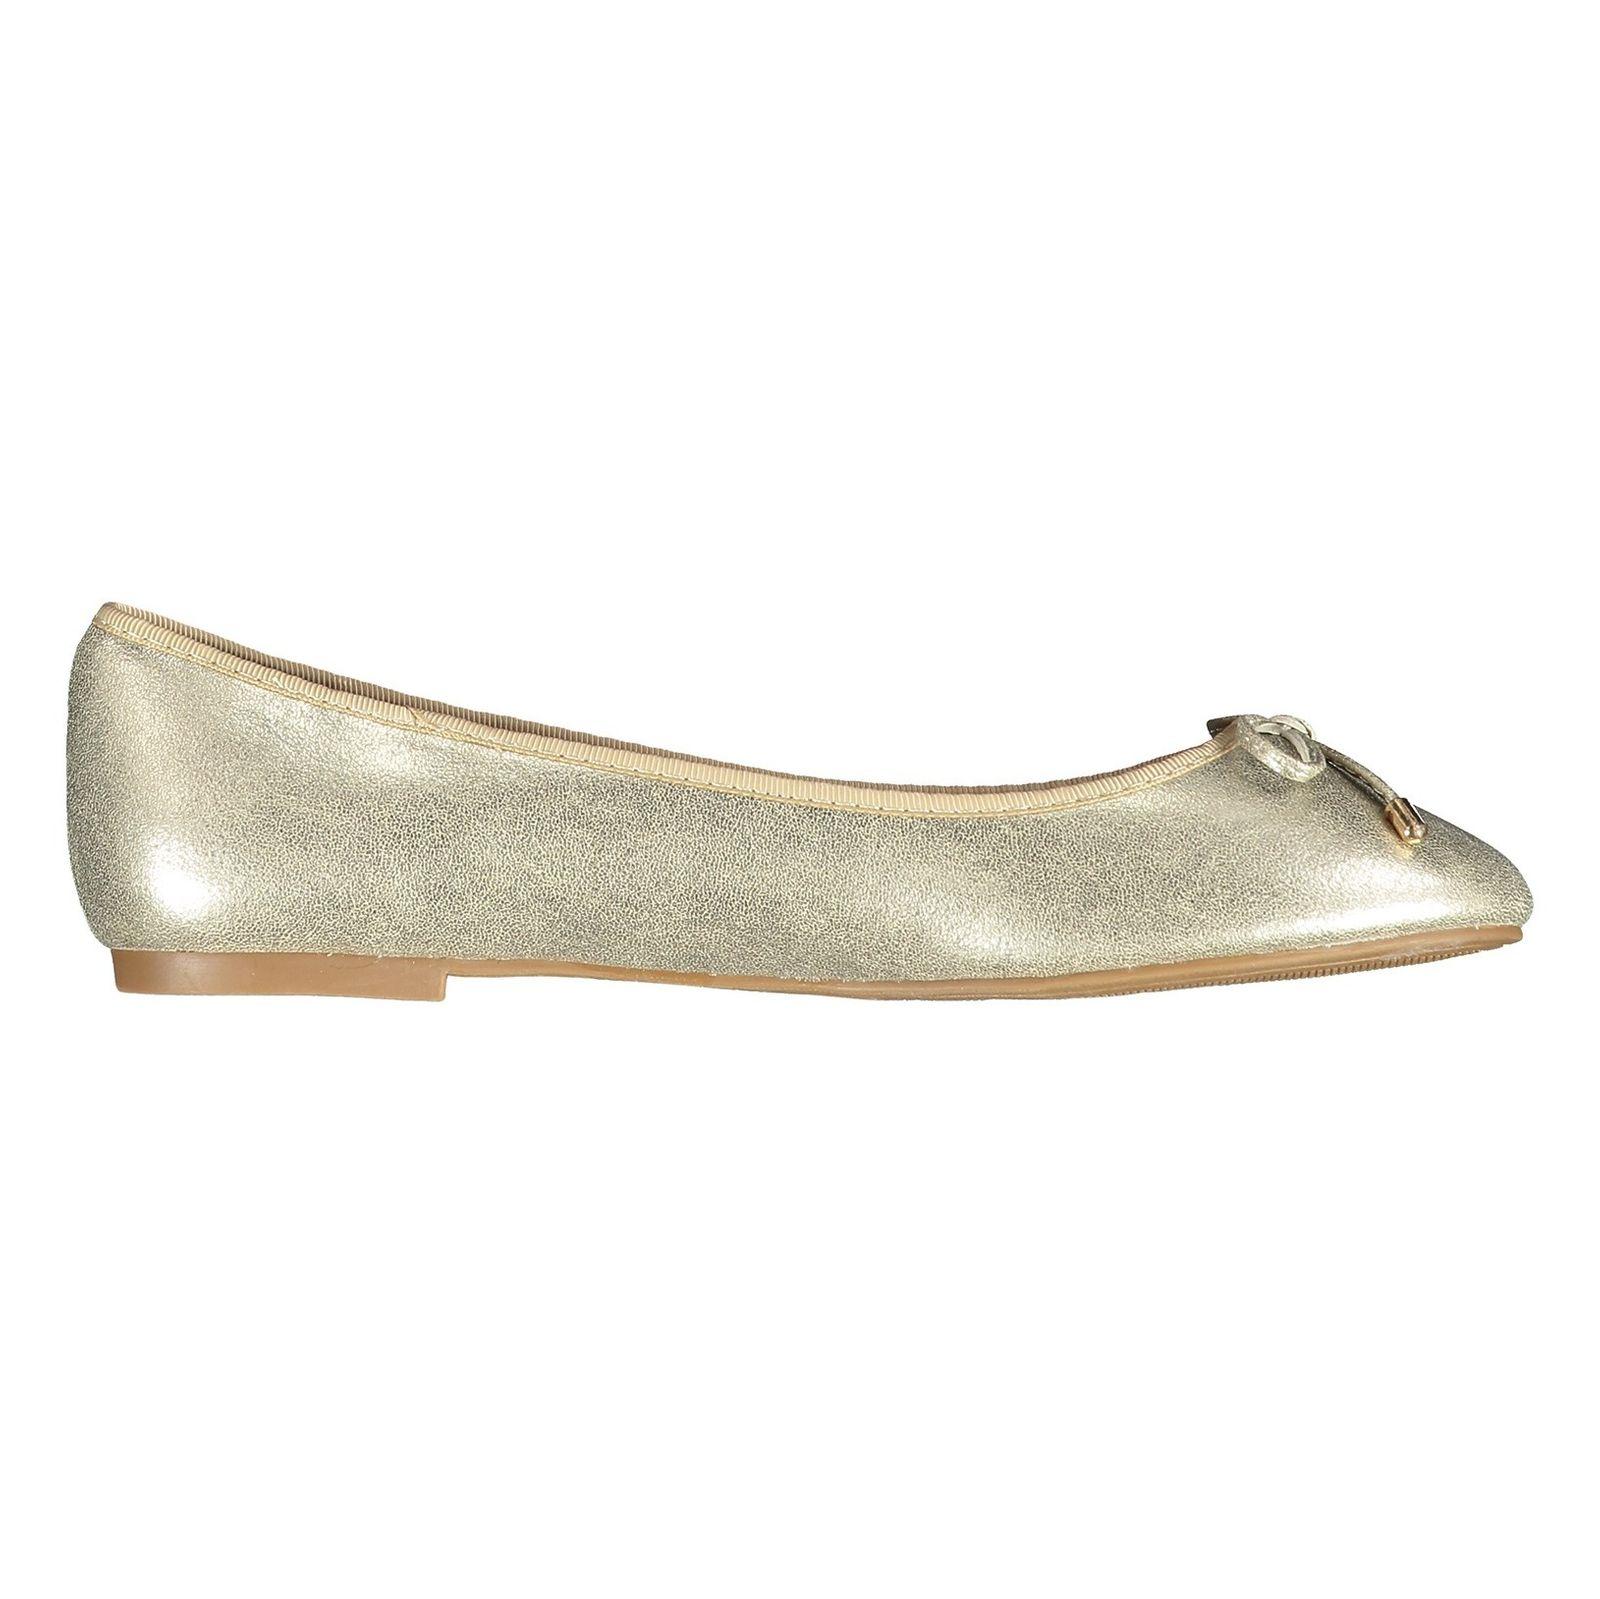 کفش تخت زنانه - پارفوا - طلايي روشن - 1